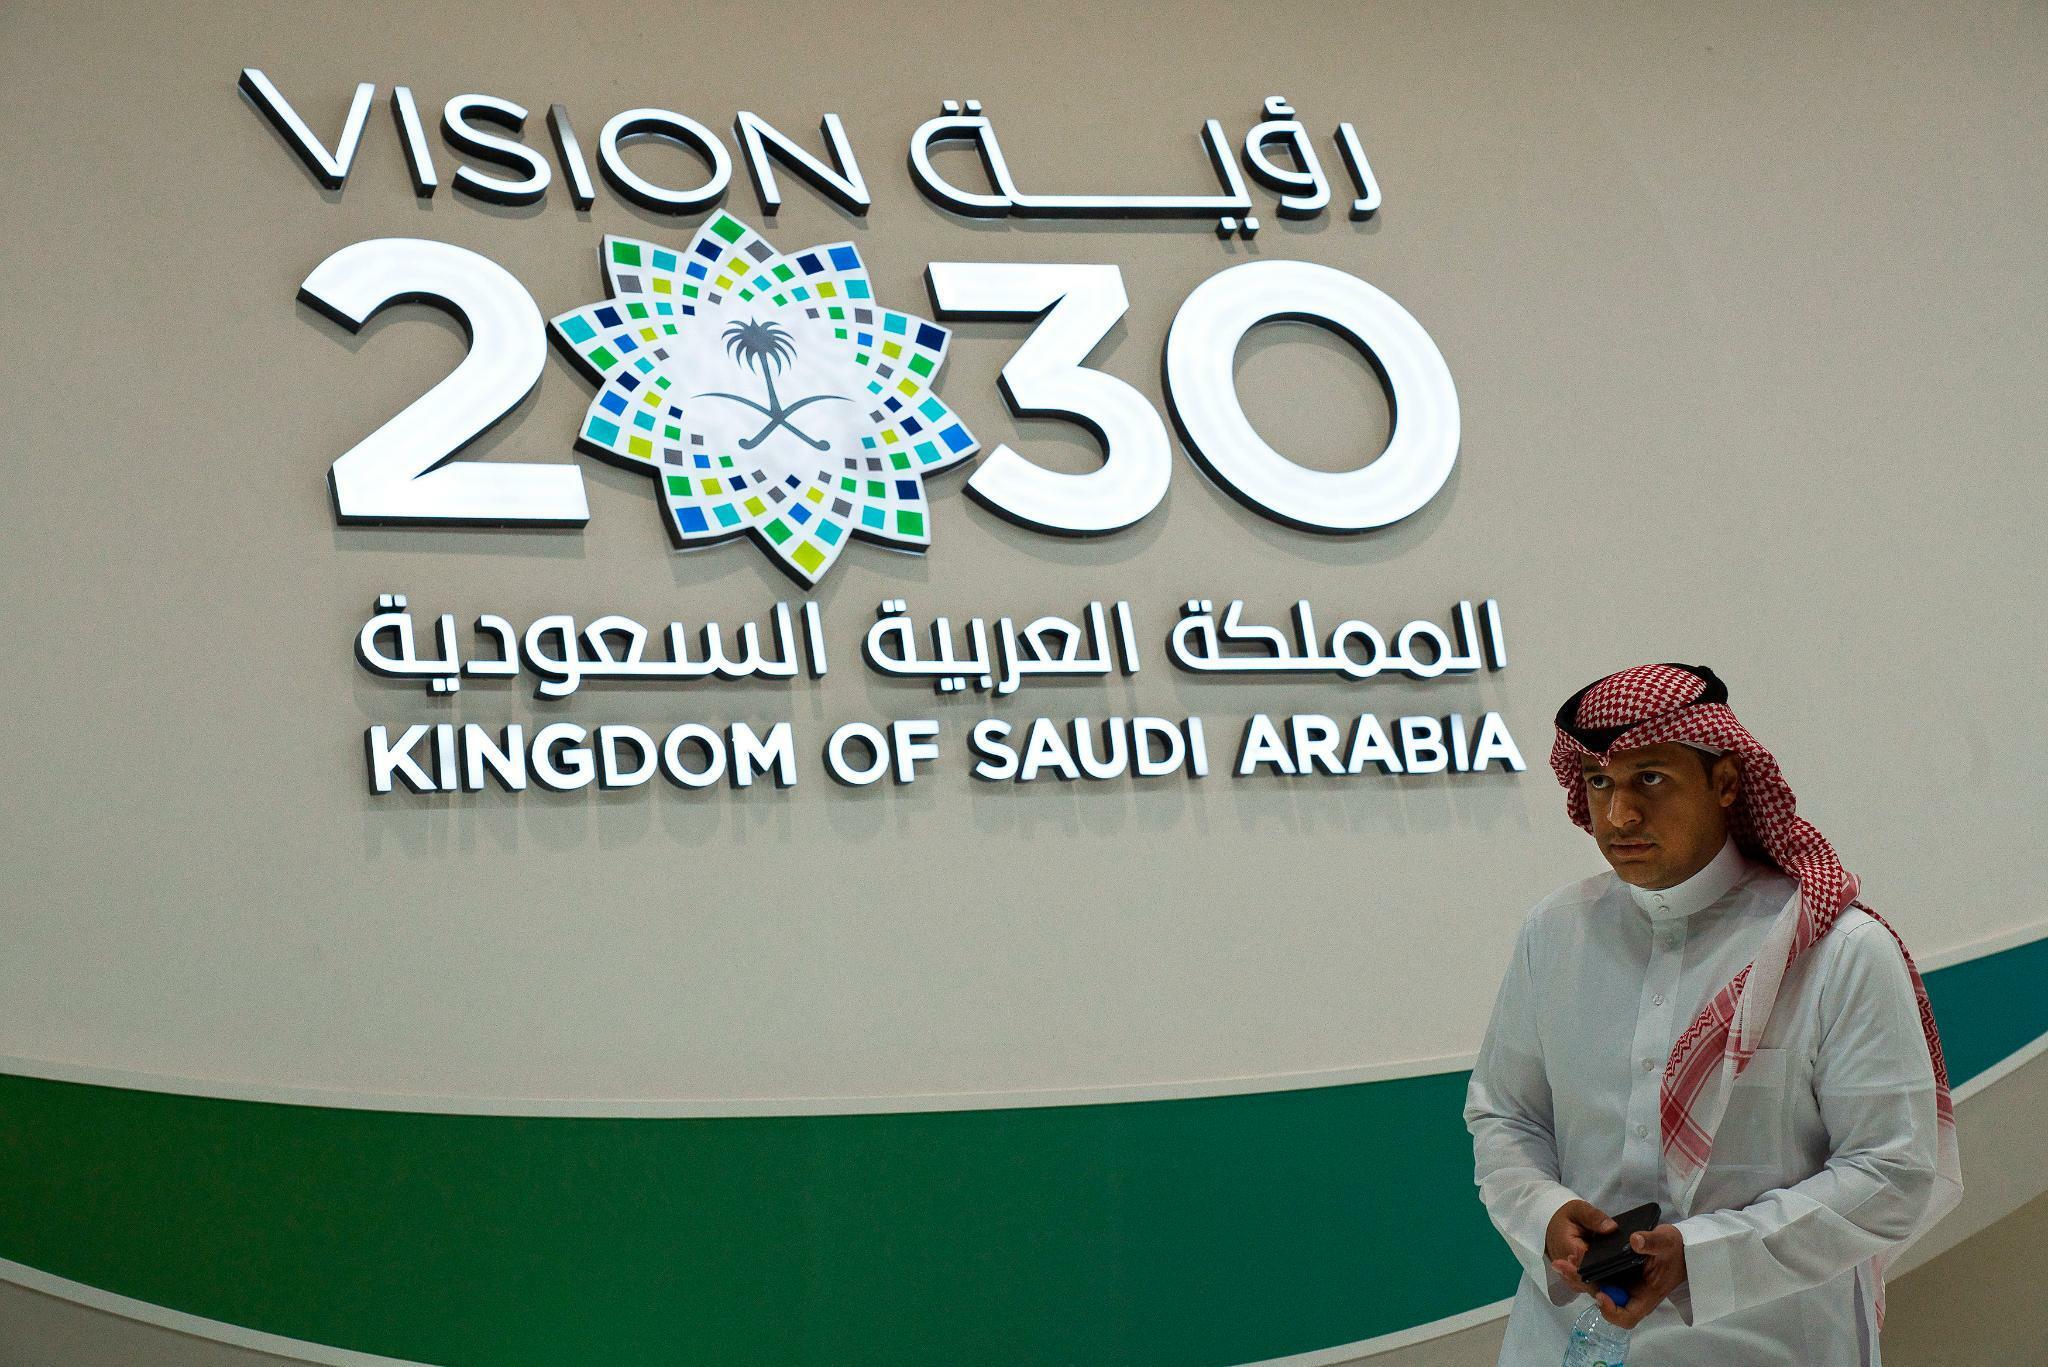 Der Weg in die Moderne ist für Saudi-Arabien steinig